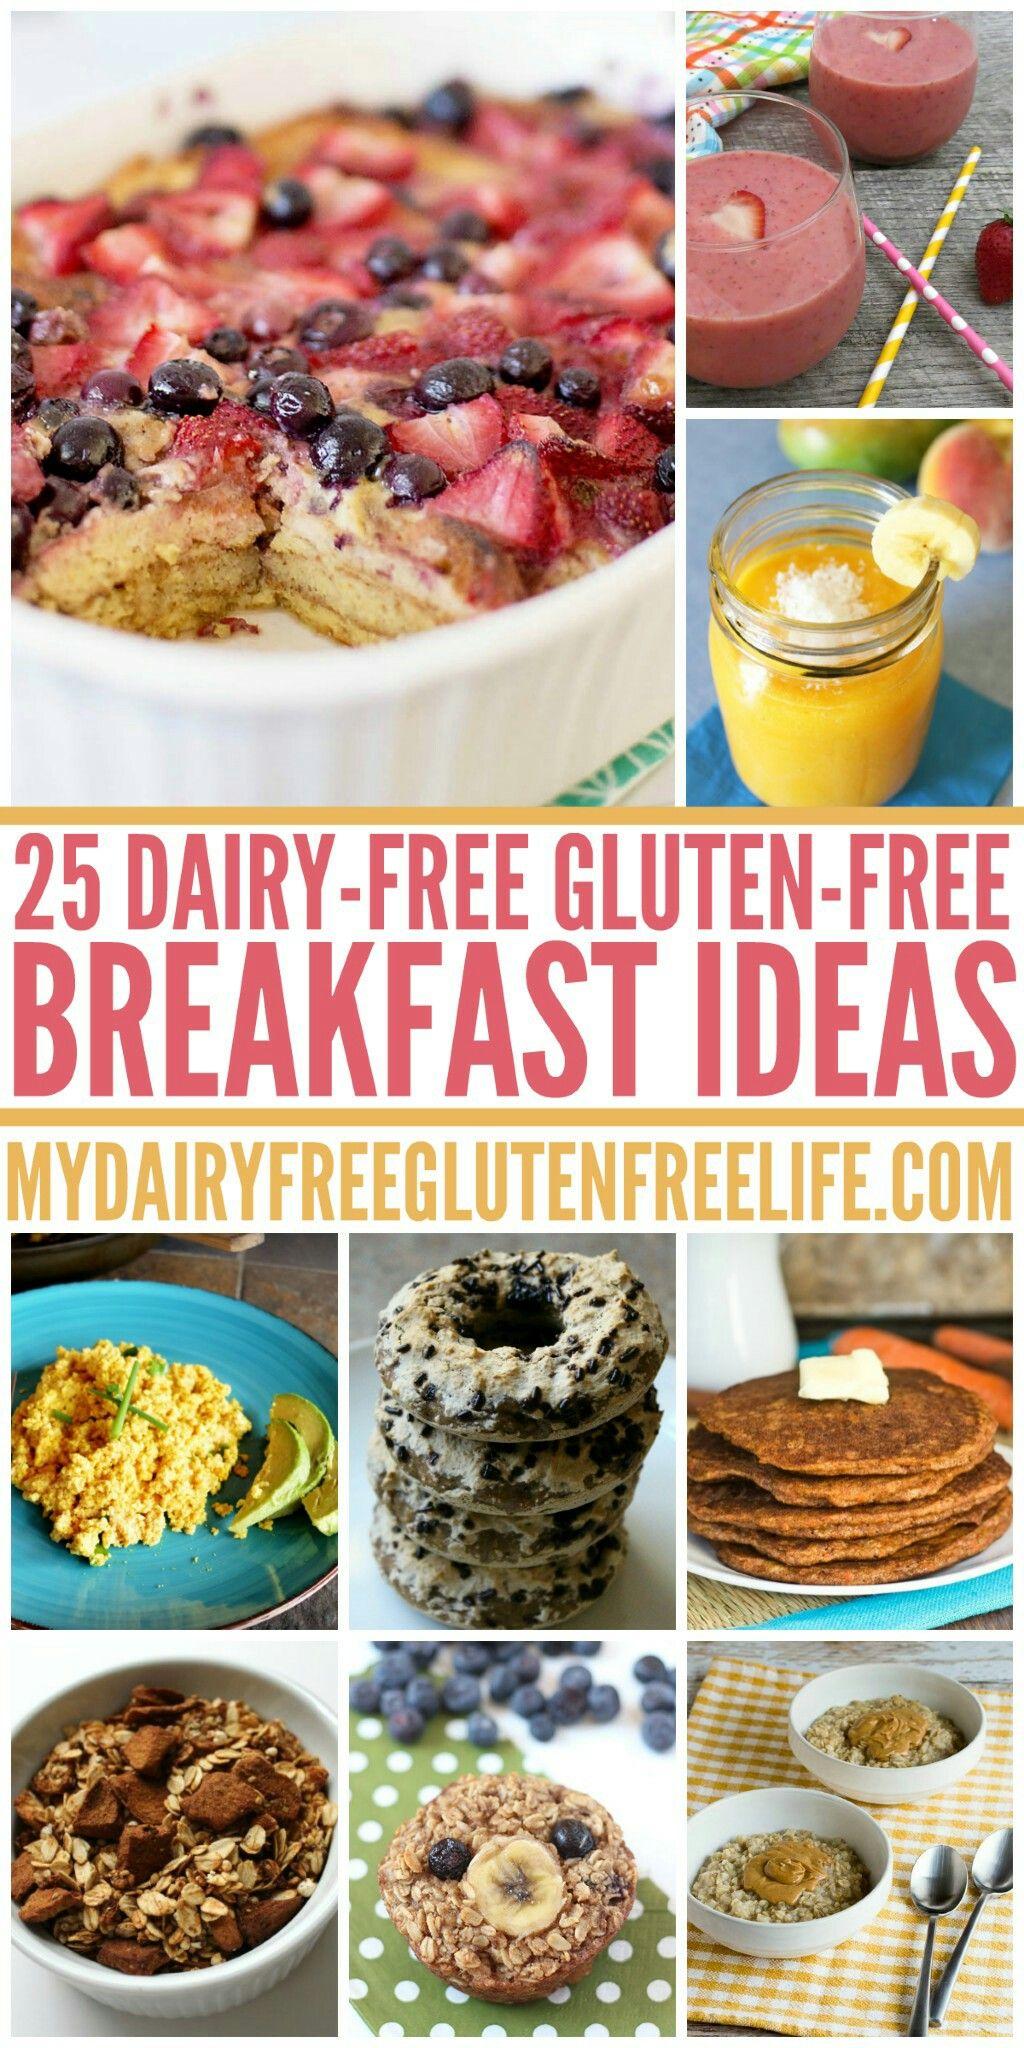 25 dairy free gluten free breakfast ideas   Gluten free ...